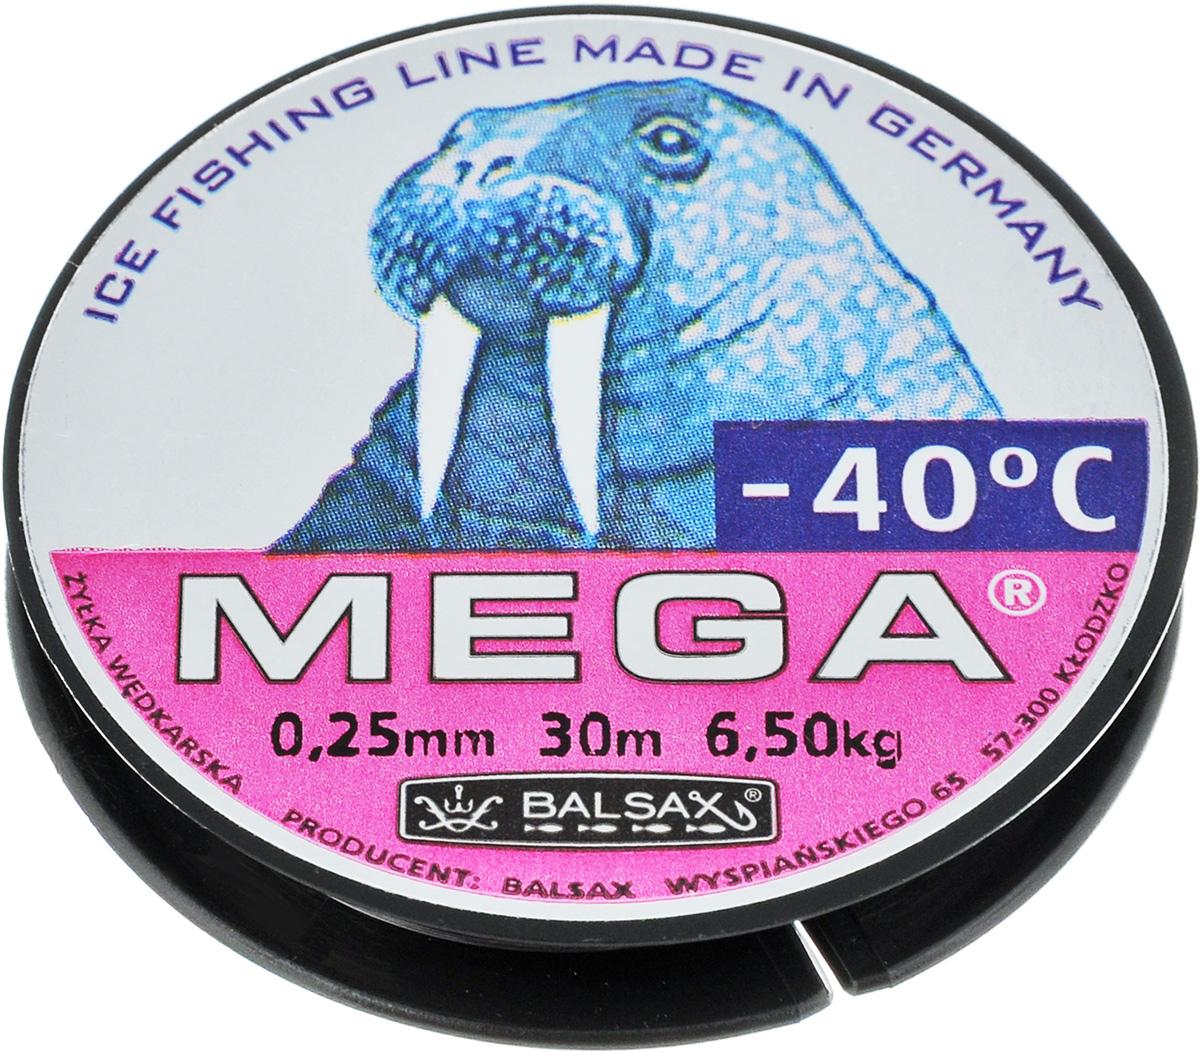 Леска зимняя Balsax Mega, 30 м, 0,25 мм, 6,5 кг010-01199-23Леска Balsax Mega изготовлена из 100% нейлона и очень хорошо выдерживает низкие температуры. Даже в самом холодном климате, при температуре вплоть до -40°C, она сохраняет свои свойства практически без изменений, в то время как традиционные лески становятся менее эластичными и теряют прочность.Поверхность лески обработана таким образом, что она не обмерзает и отлично подходит для подледного лова. Прочна в местах вязки узлов даже при минимальном диаметре.